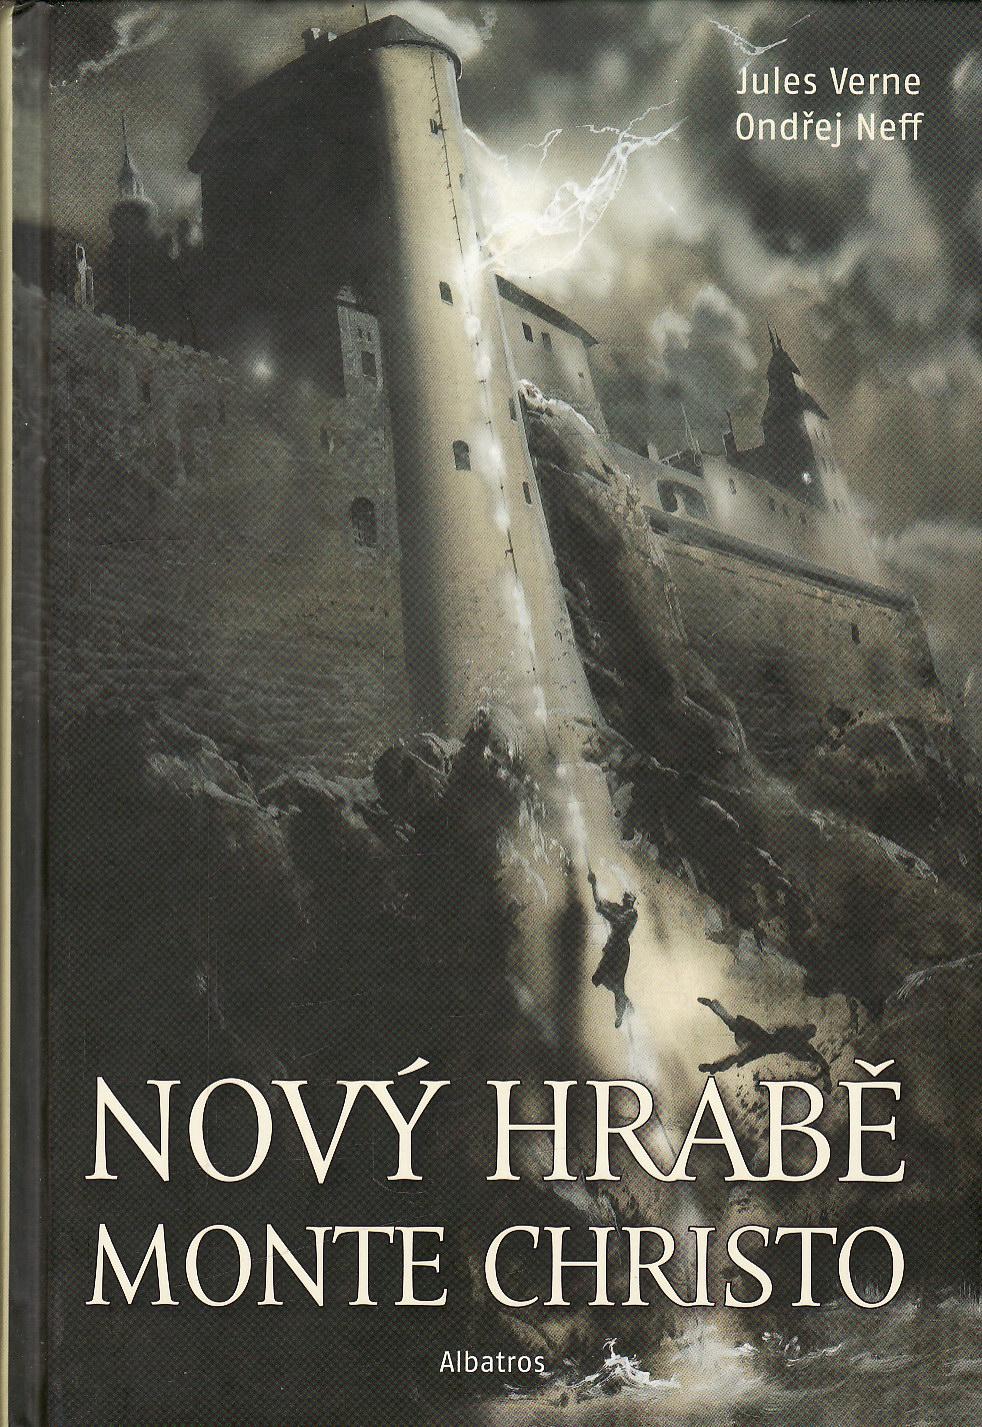 Nový hrabě Monte Christo / Jules Verne, Ondřej Neff, 2010, il. Zdeněk Burian